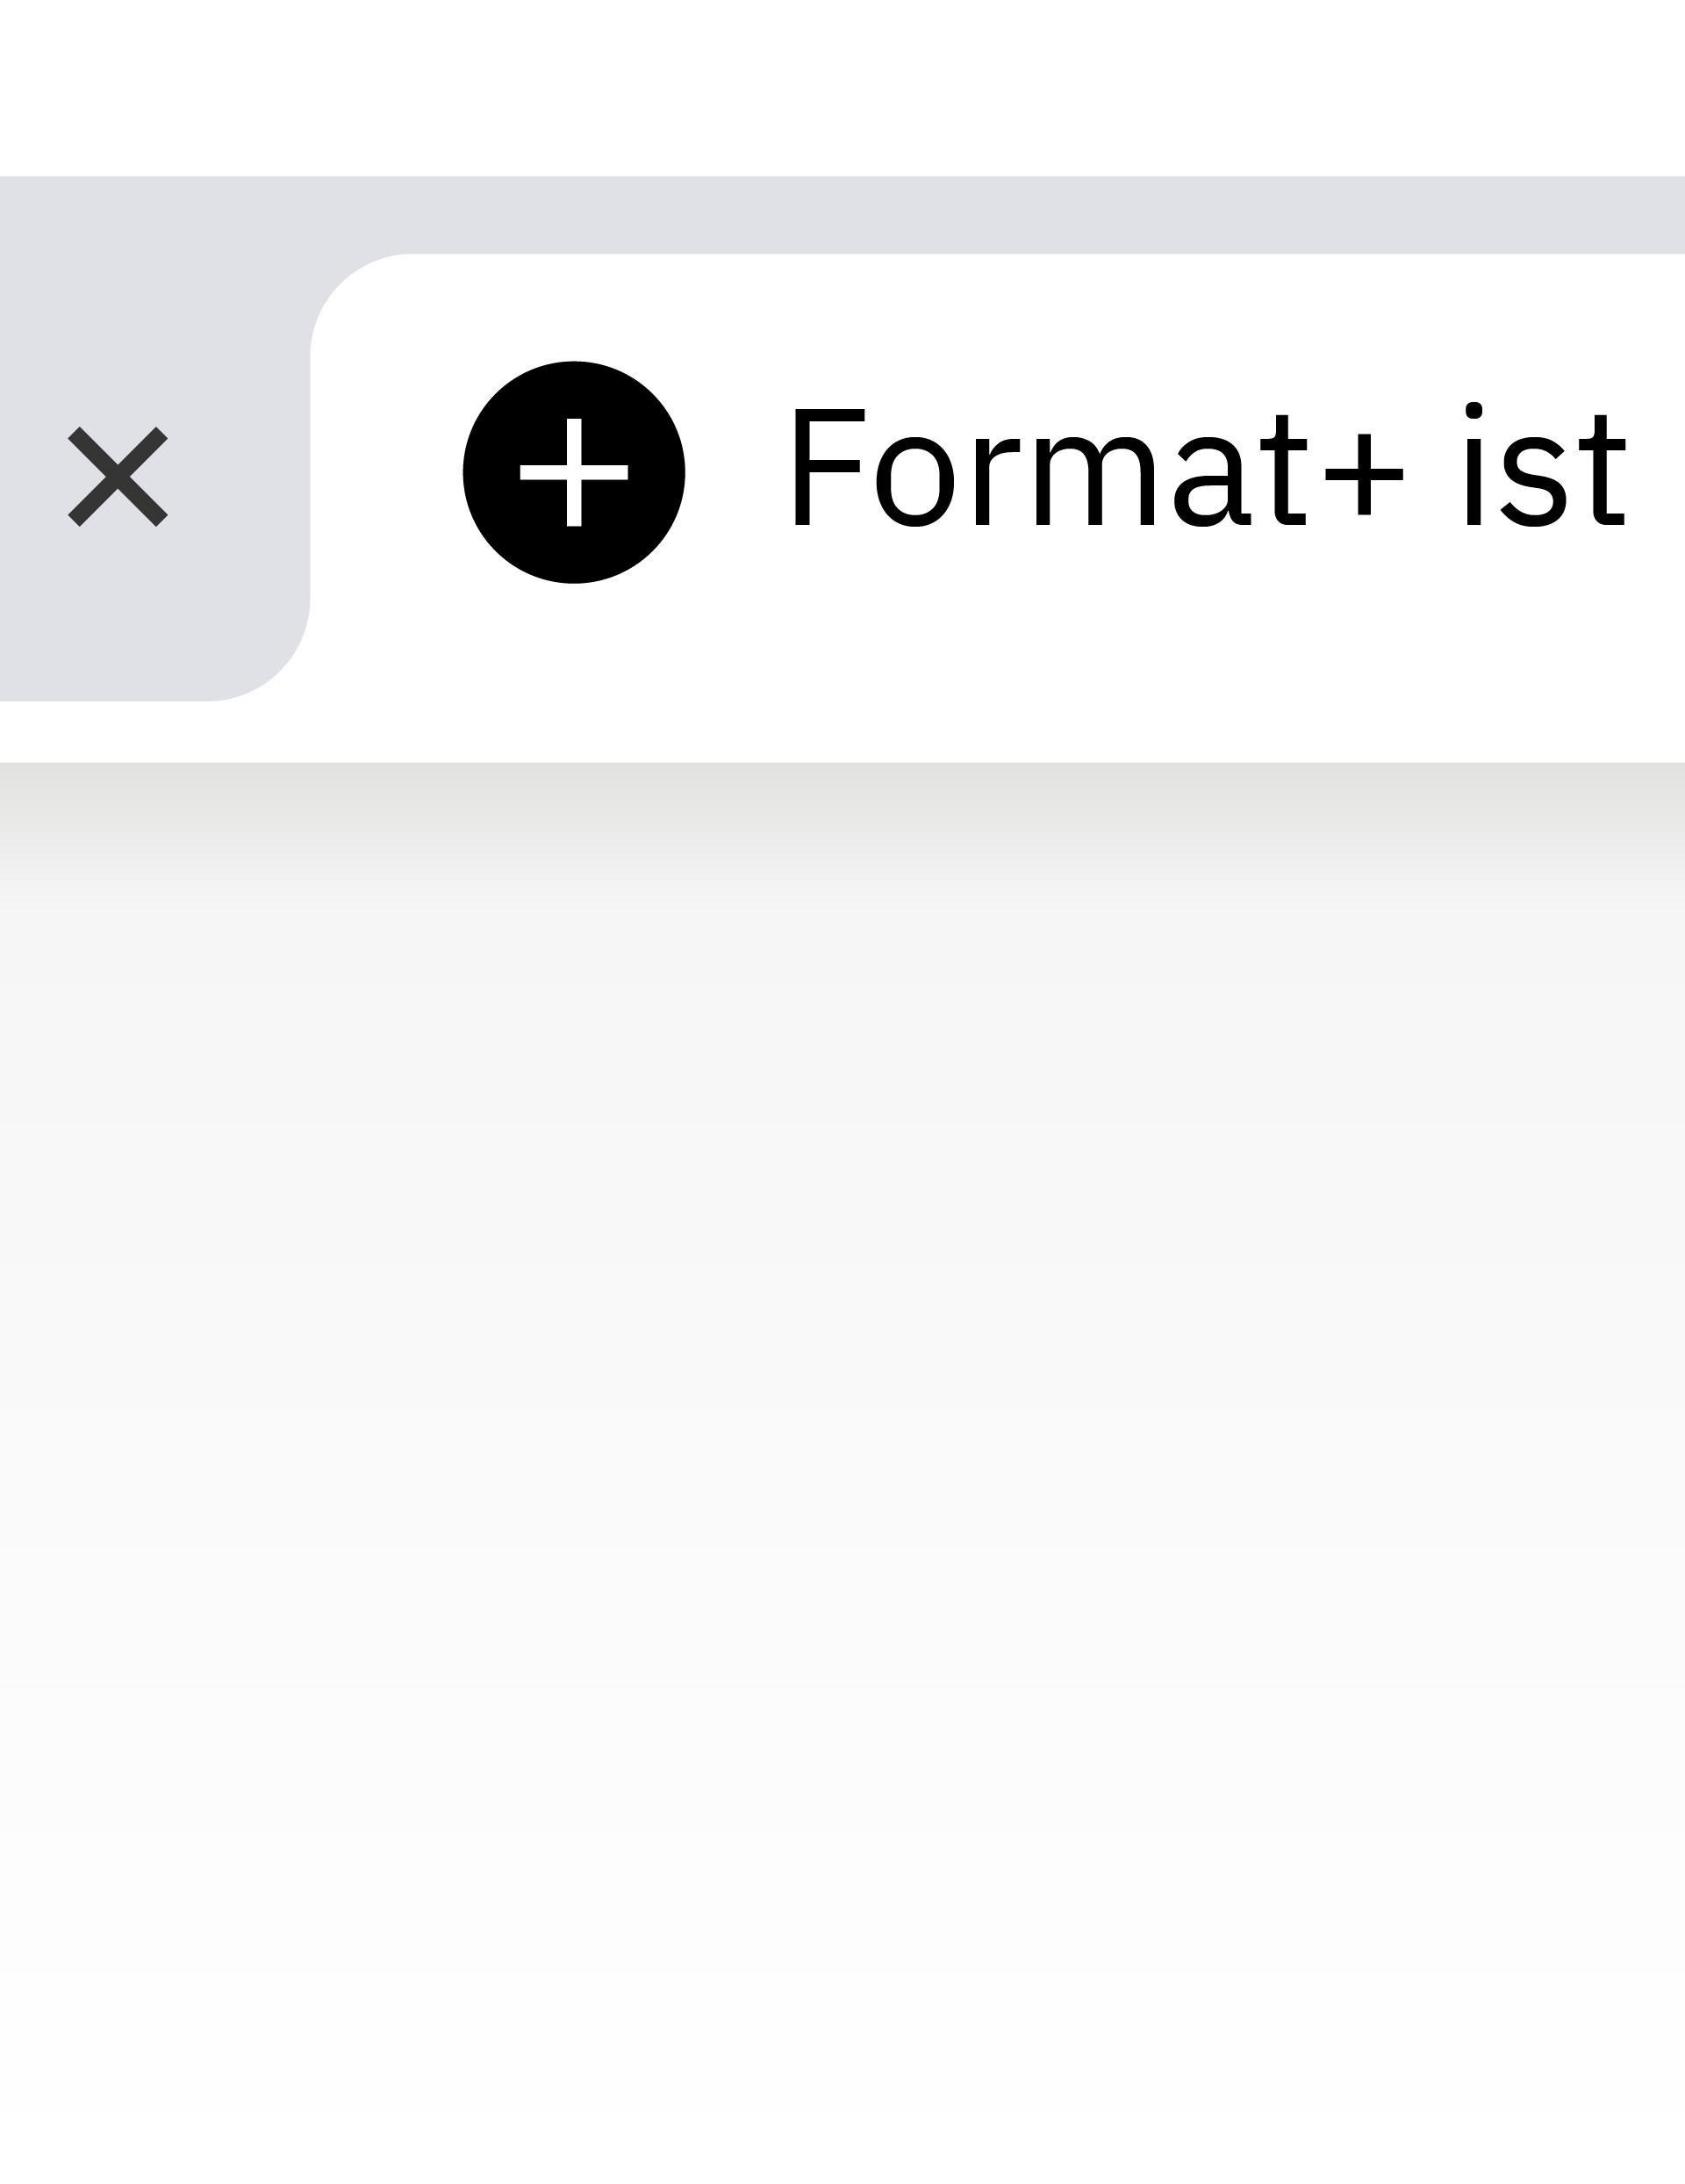 Detailansicht einer Browser-Tabbar mit dem format+ Icon